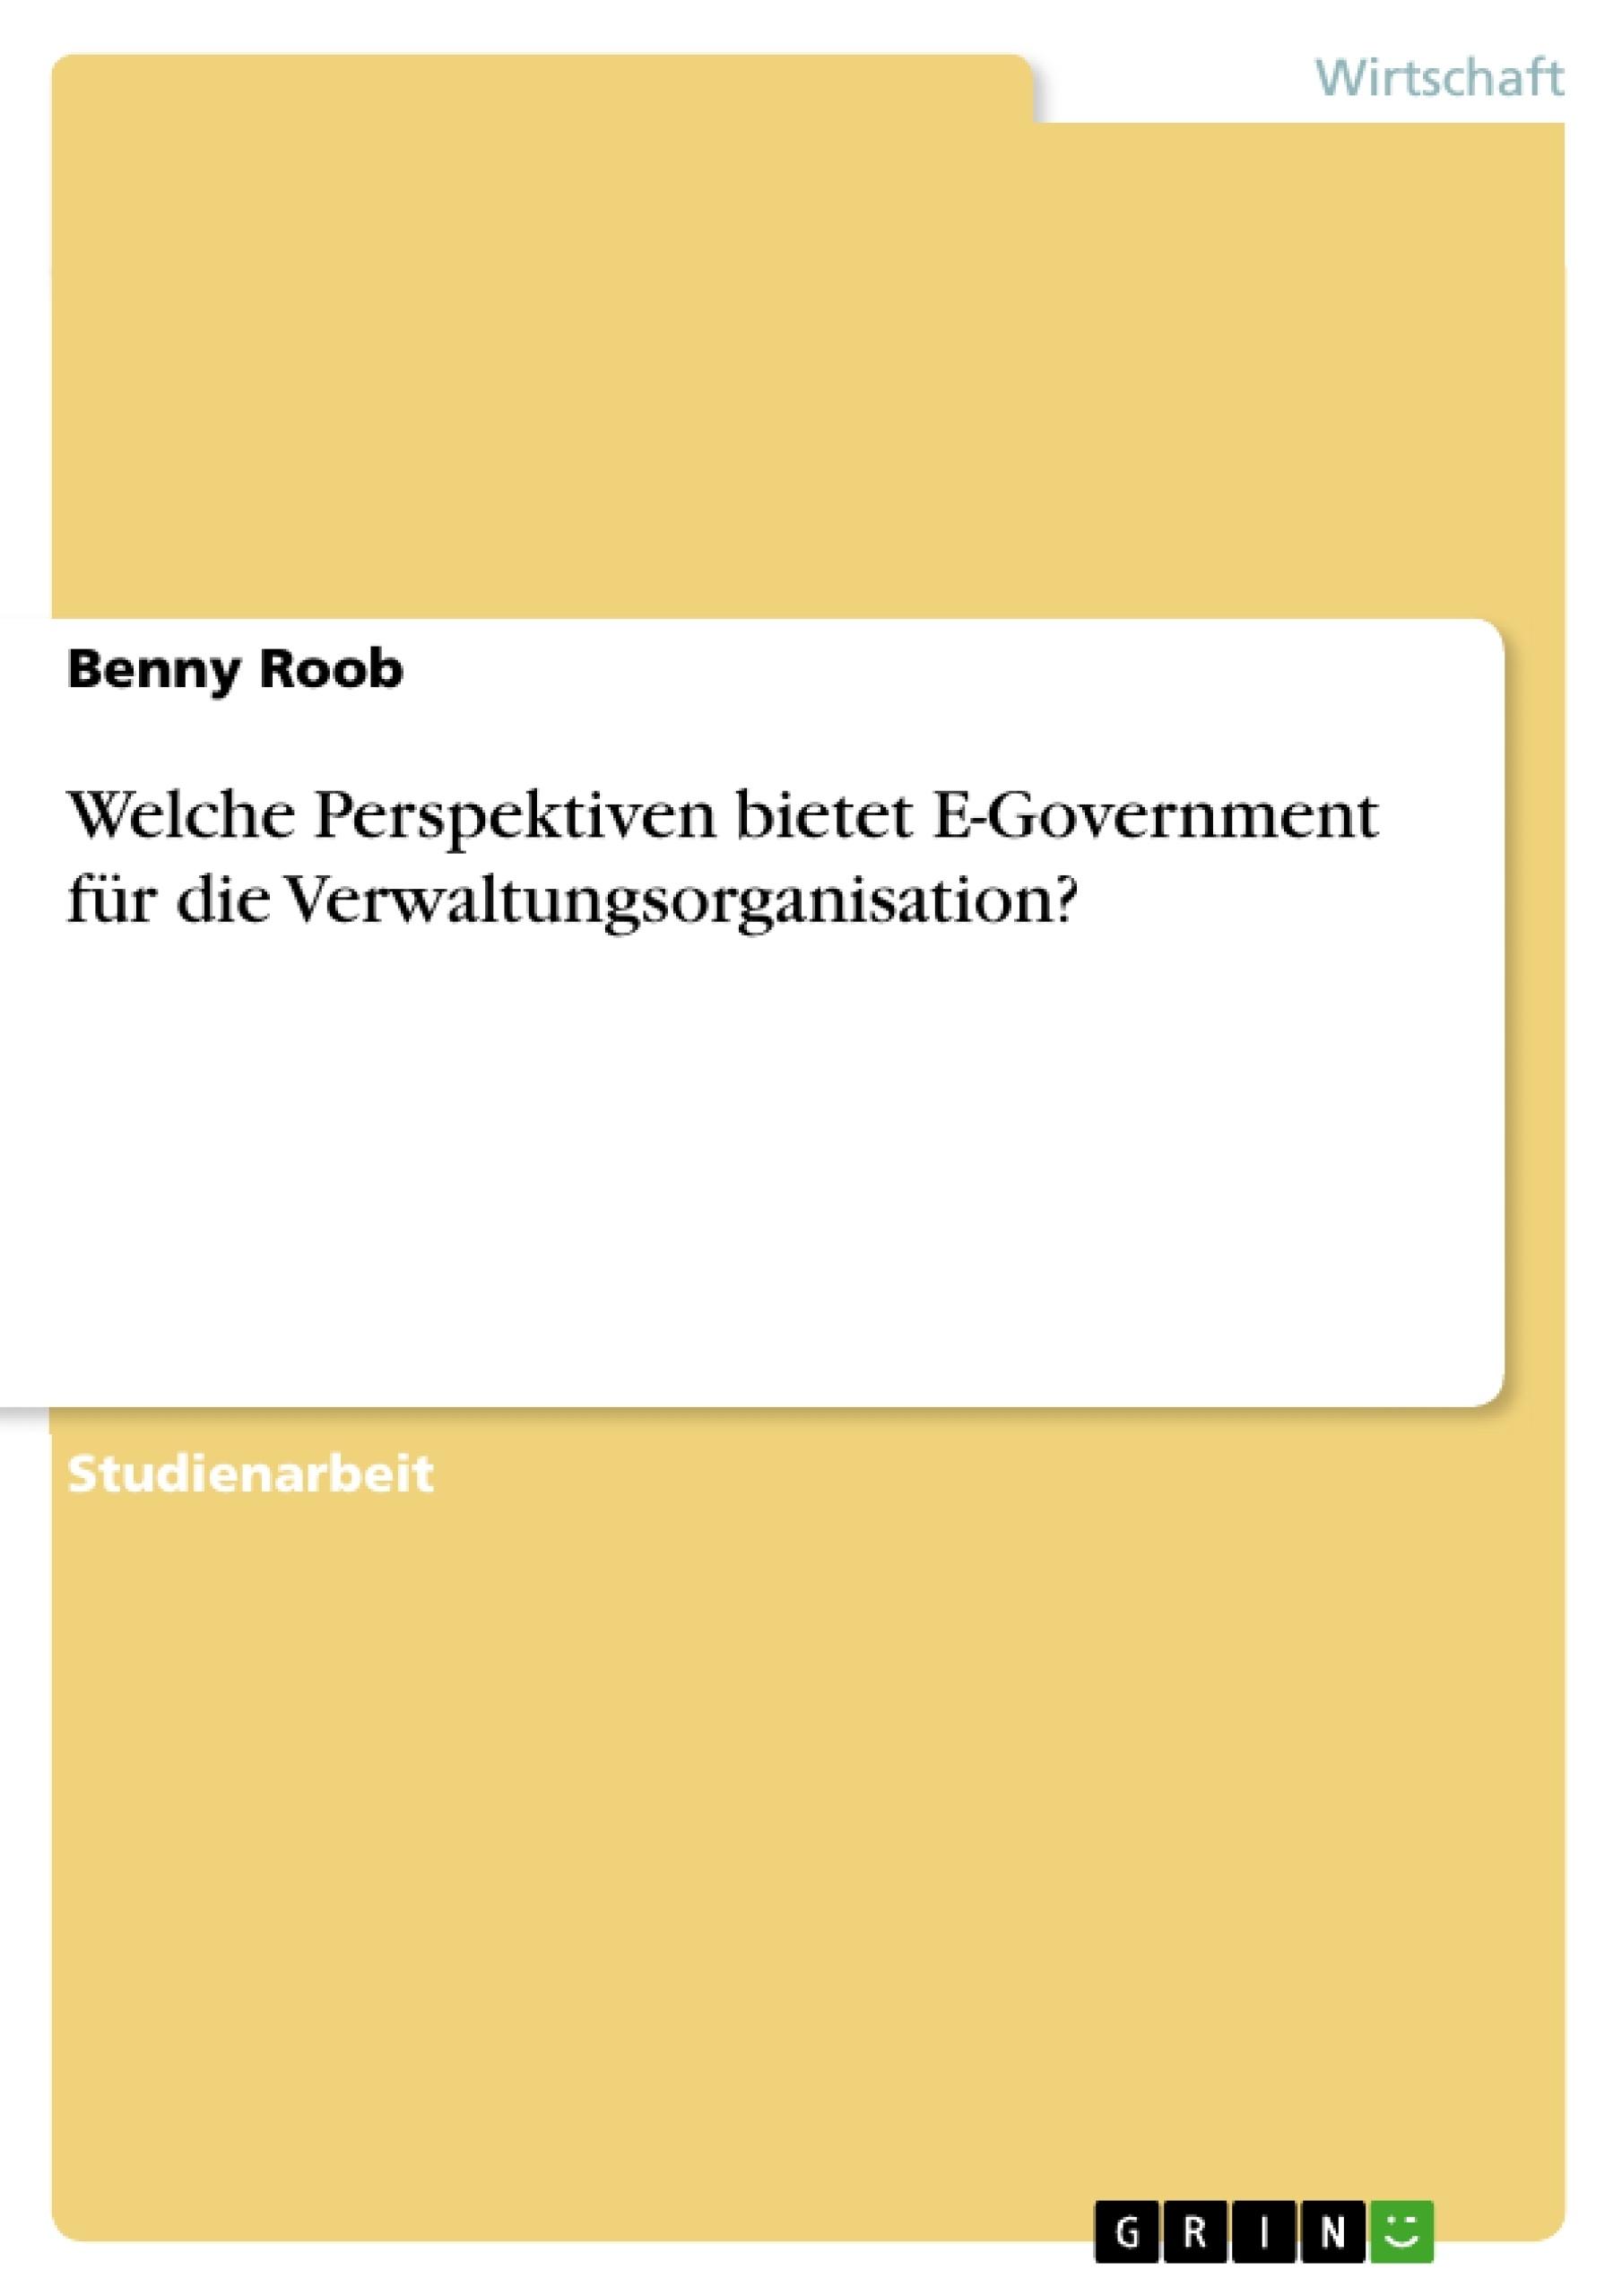 Titel: Welche Perspektiven bietet E-Government für die Verwaltungsorganisation?